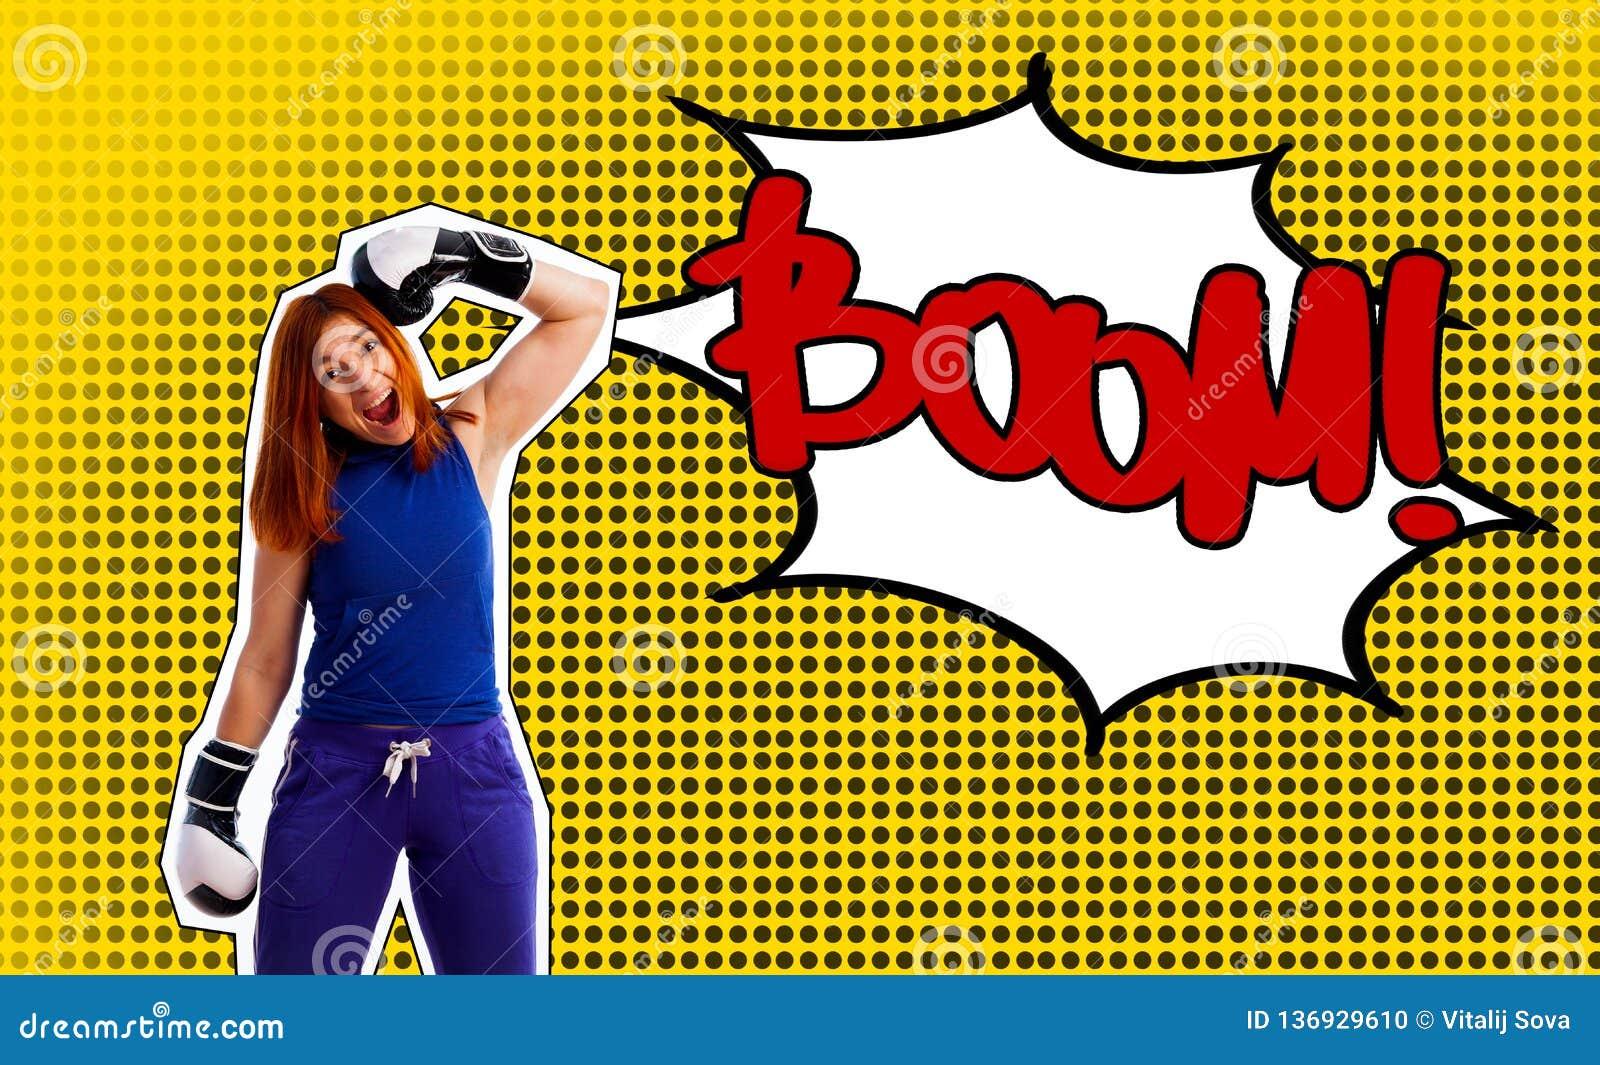 Retrato del arte pop de una mujer en guantes de boxeo